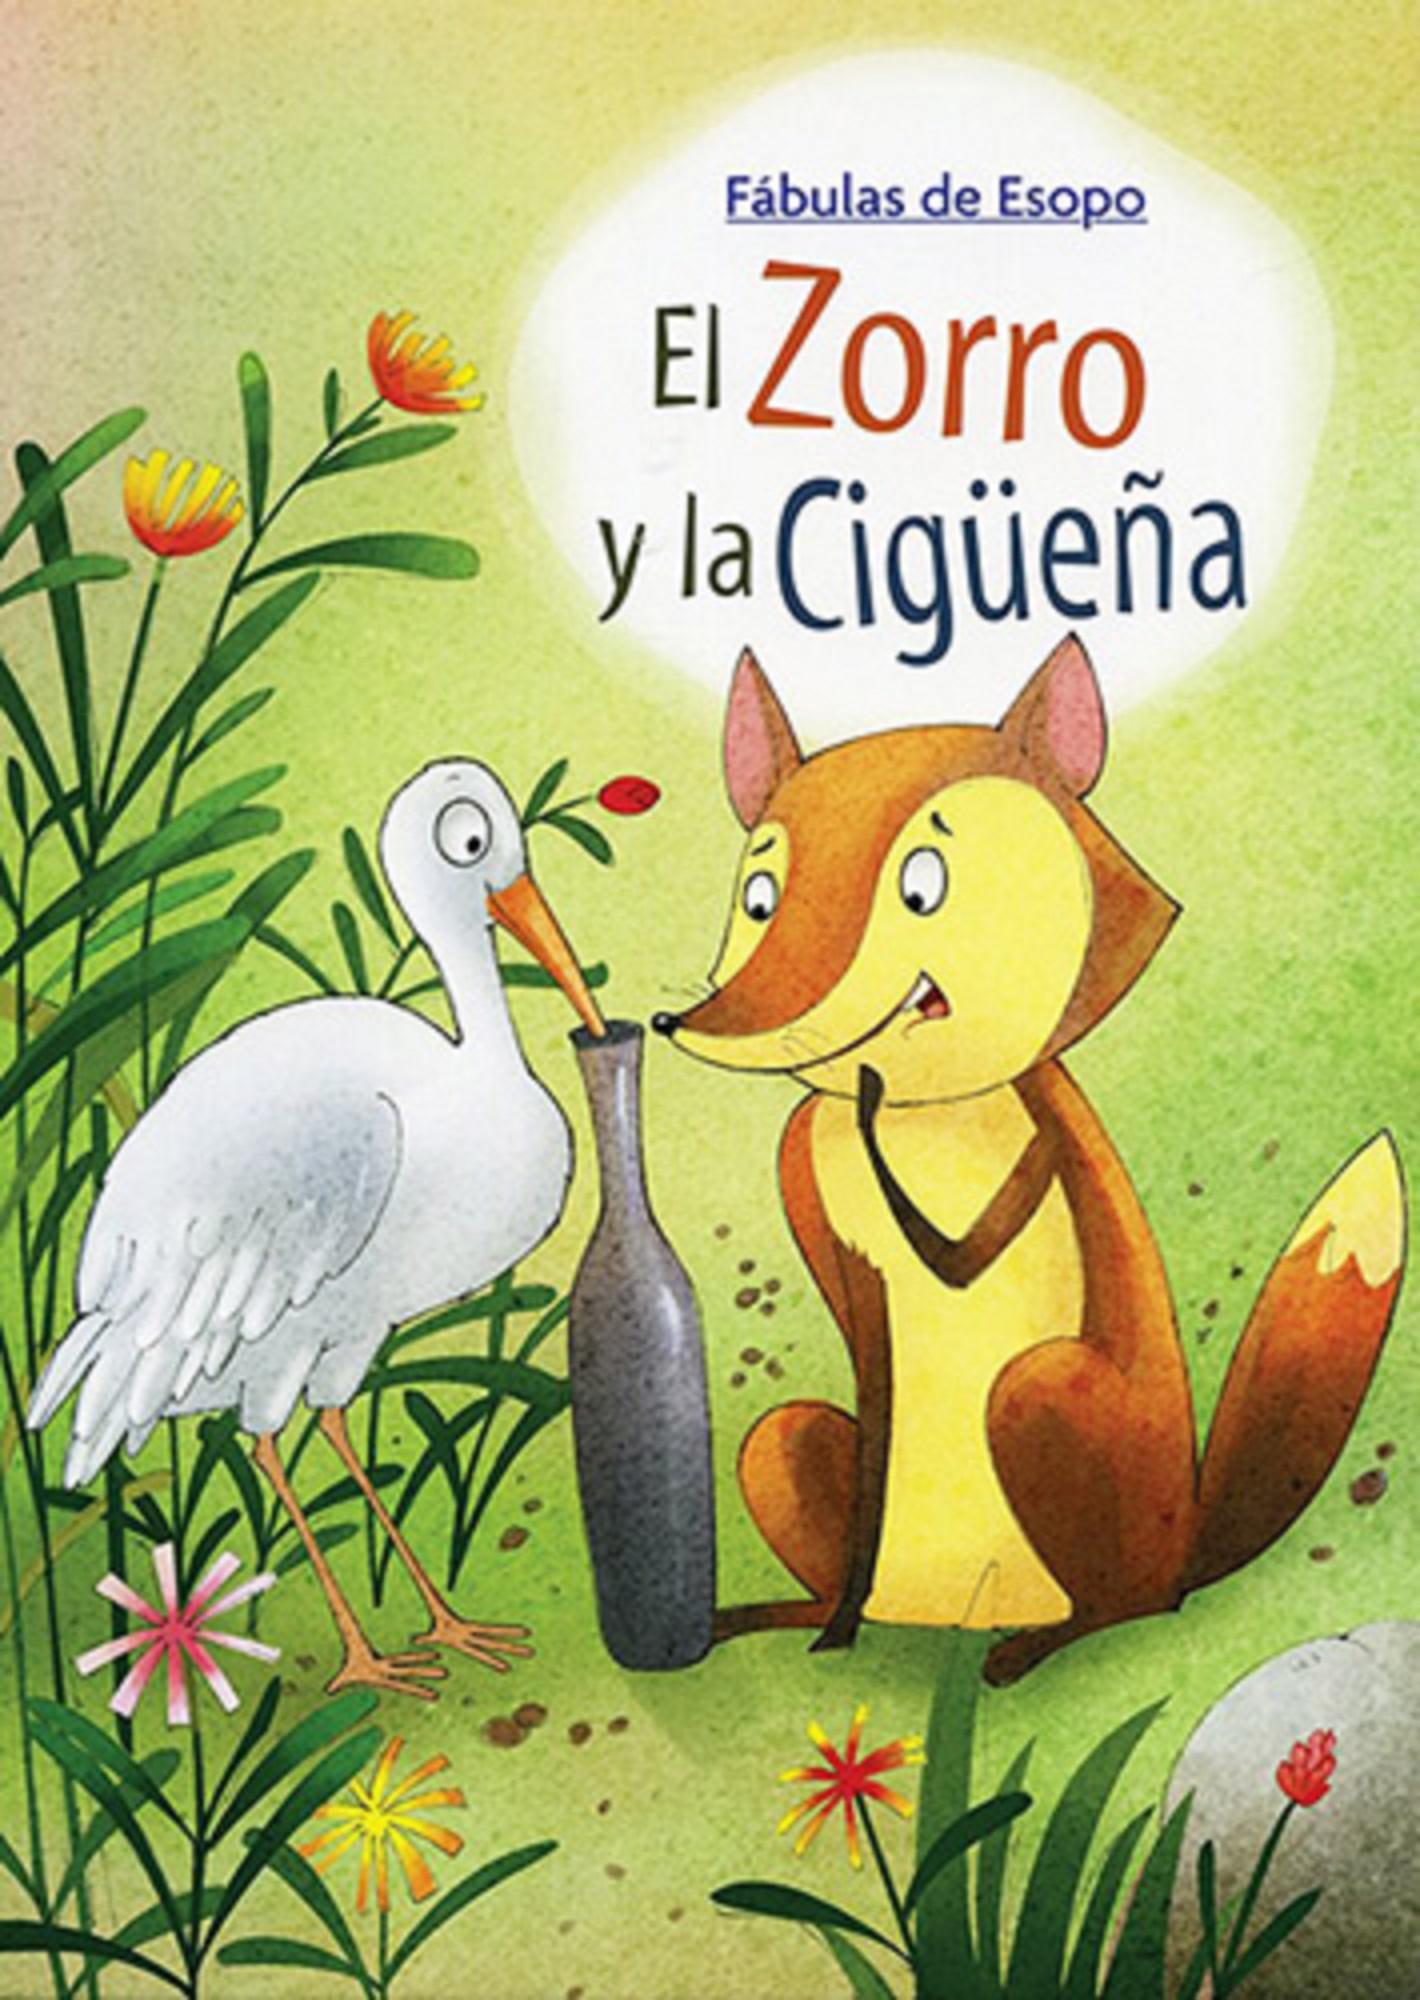 El zorro y la cigüeña | Biblioteca Virtual Fandom | Fandom